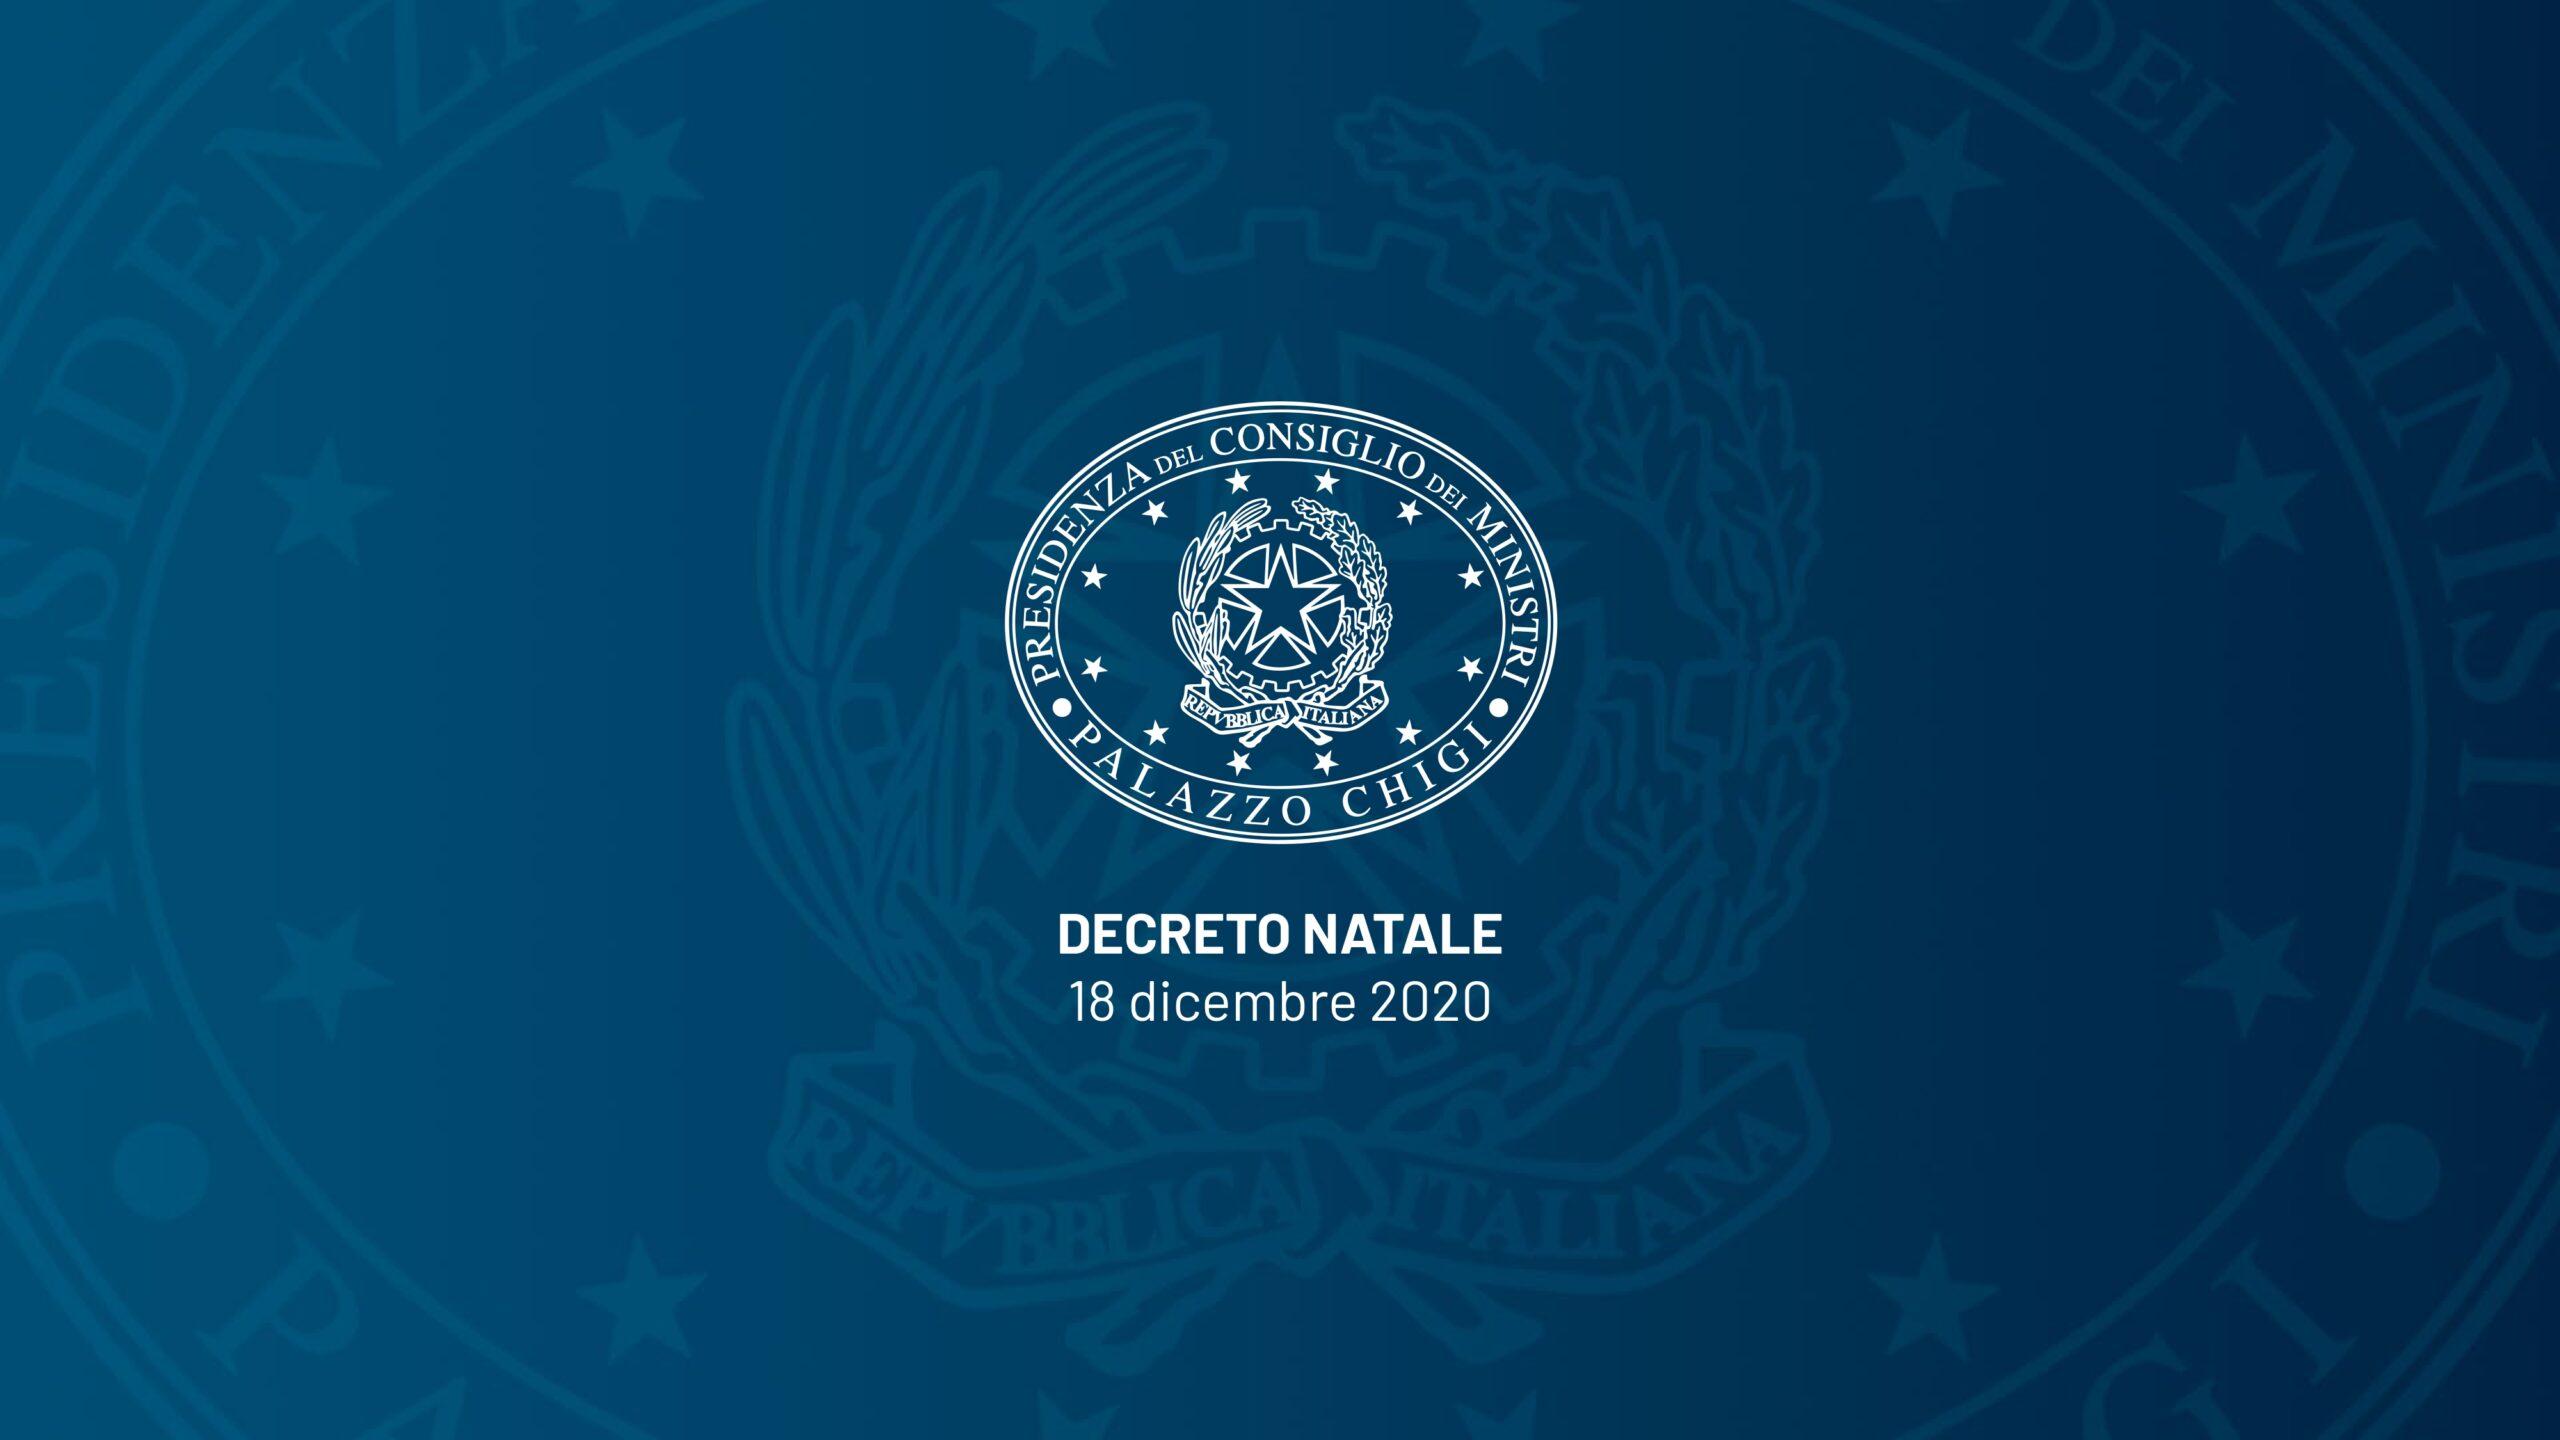 DECRETO NATALE n.172 del 18 dicembre 2020